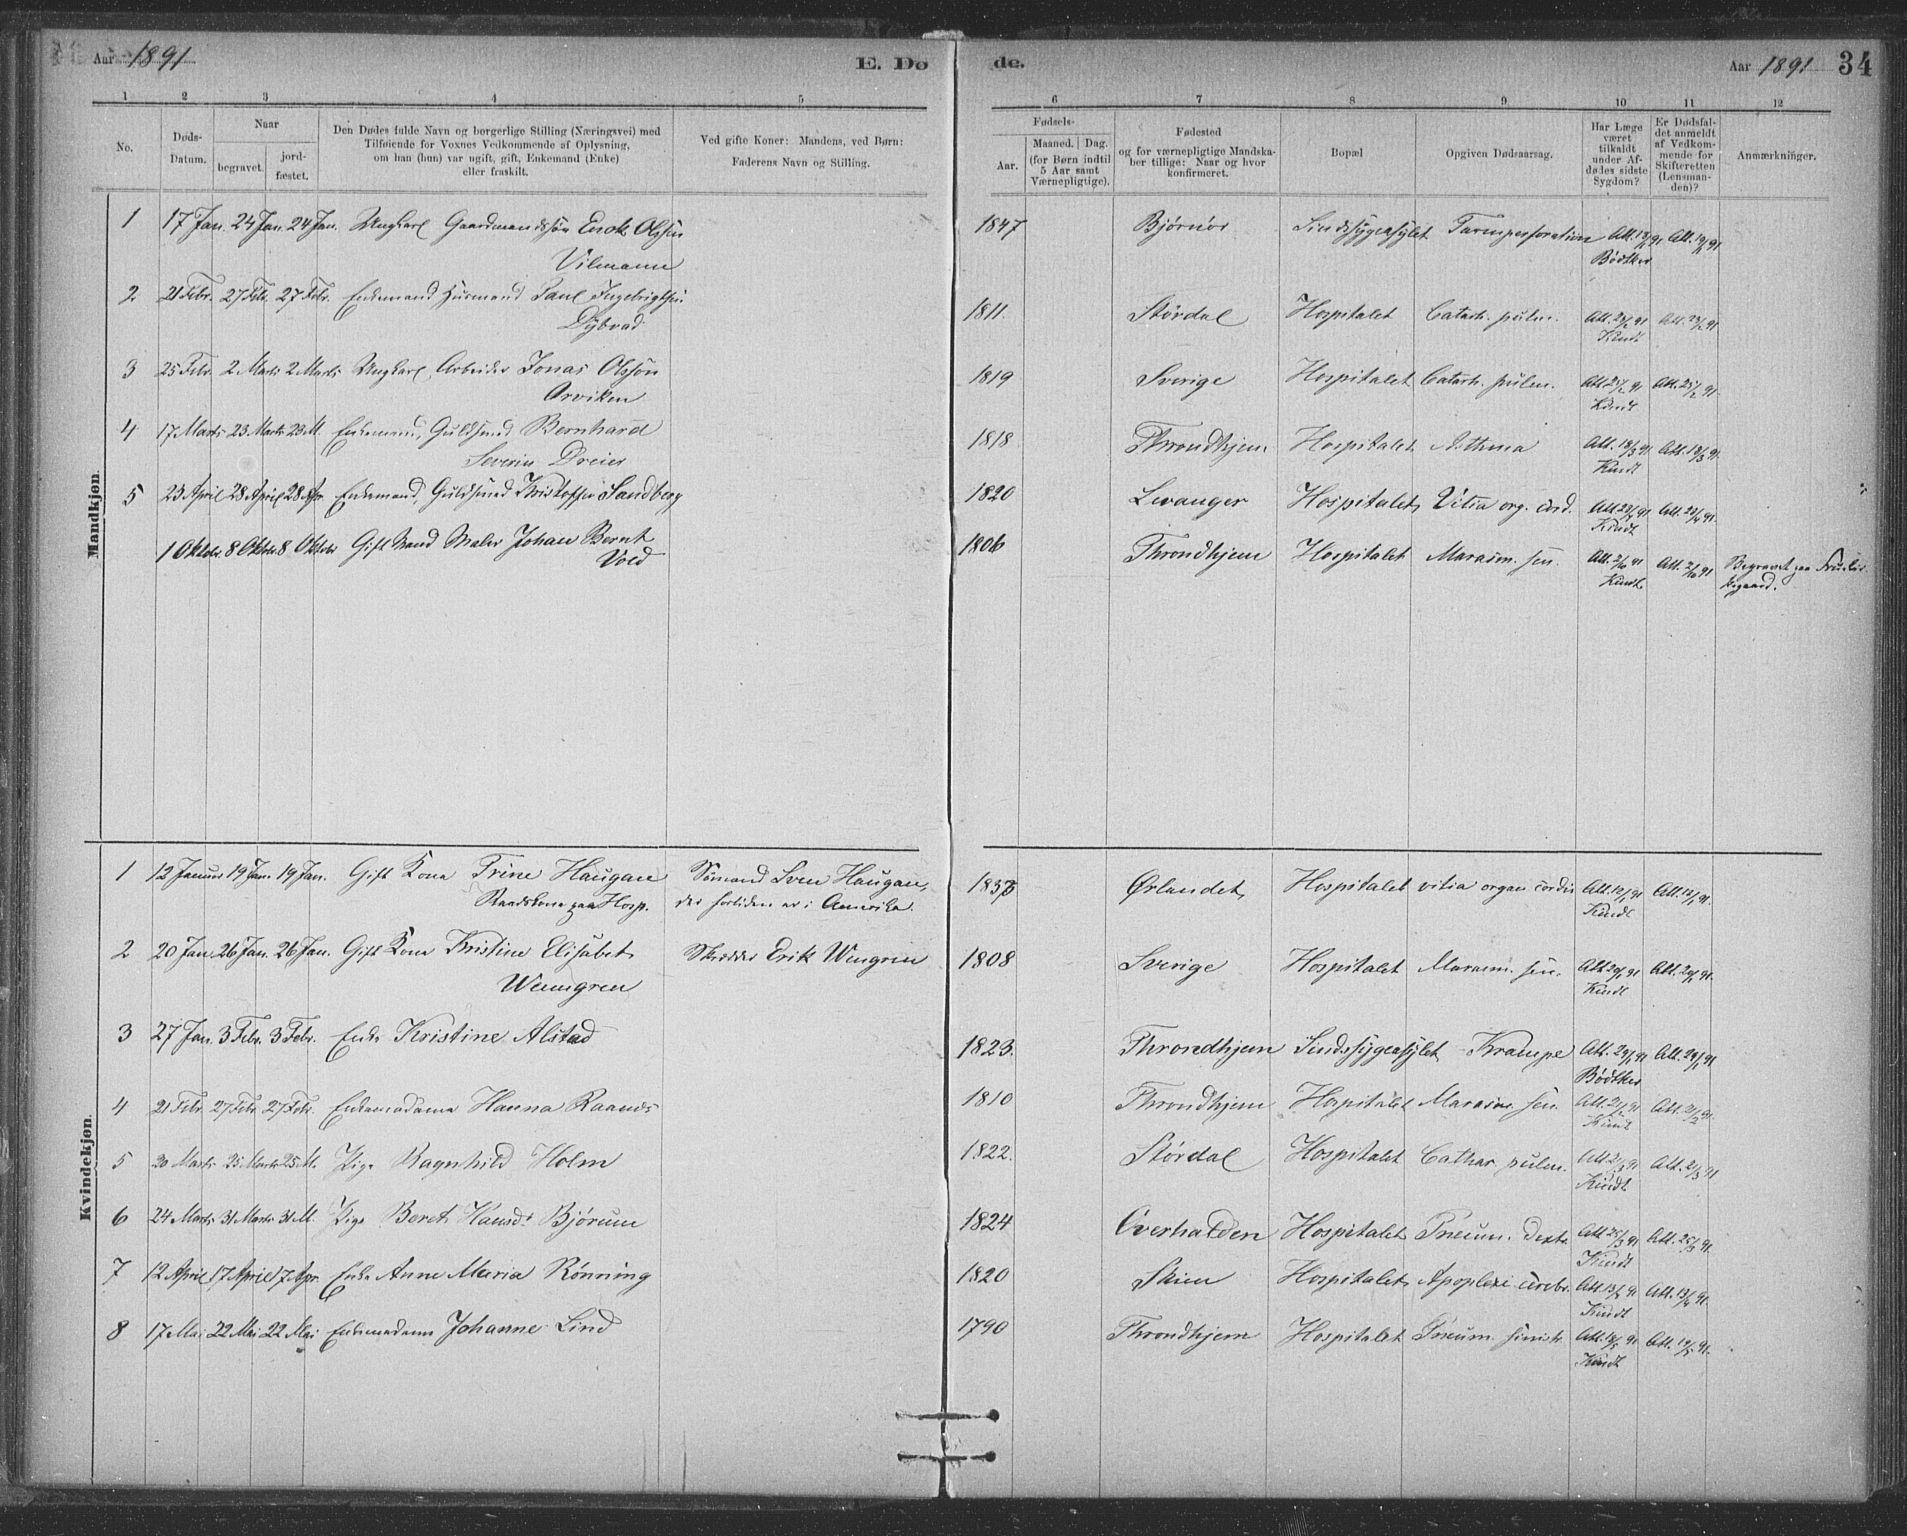 SAT, Ministerialprotokoller, klokkerbøker og fødselsregistre - Sør-Trøndelag, 623/L0470: Ministerialbok nr. 623A04, 1884-1938, s. 34